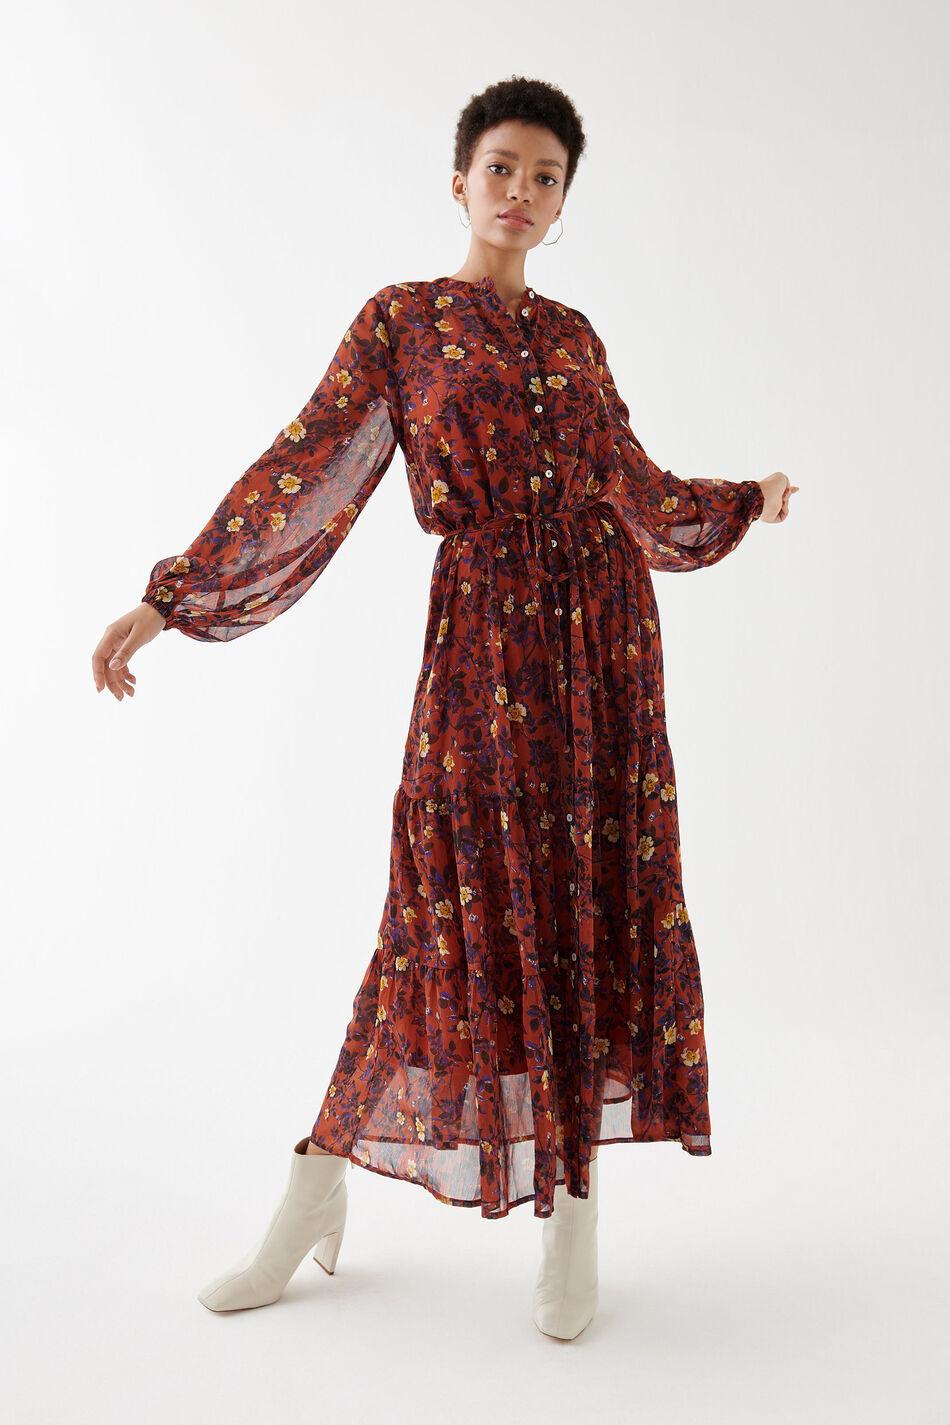 Image of Gina Tricot Alma chiffon maxi dress Fall flower (9197)